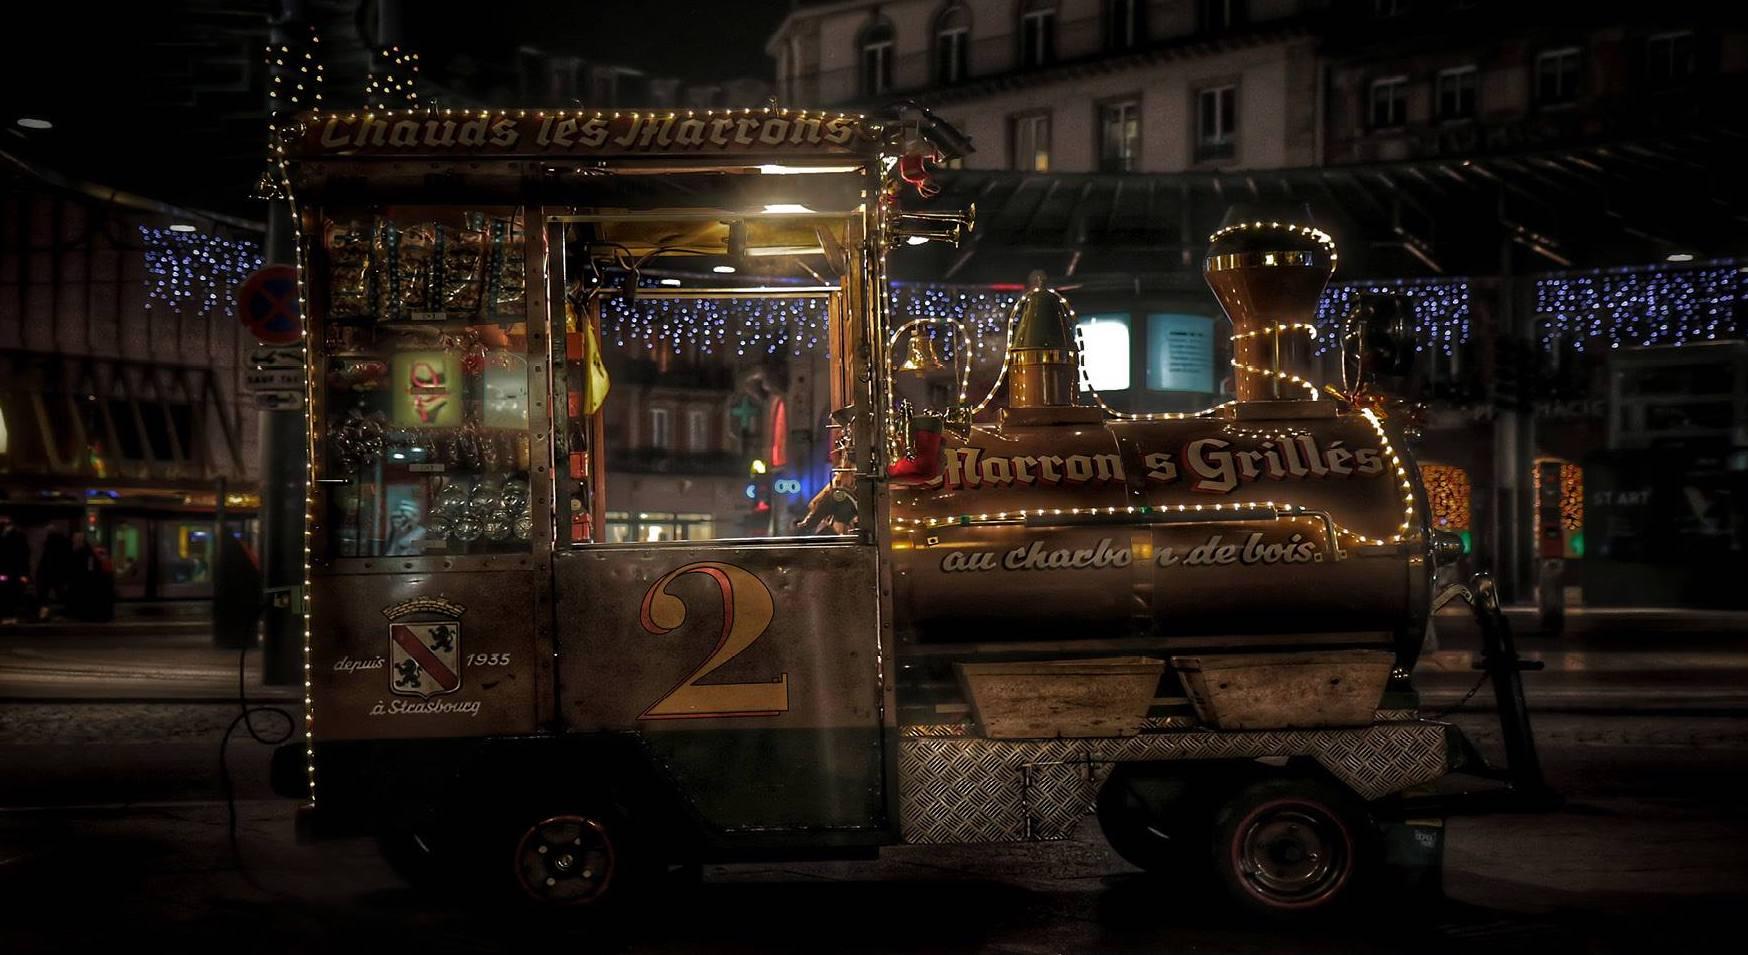 strasbourg art urbain creatif RADAR immeuble facade noel calendrier de lavent le reveur dimages - À Strasbourg, un calendrier de l'Avent version street art s'affiche sur un immeuble